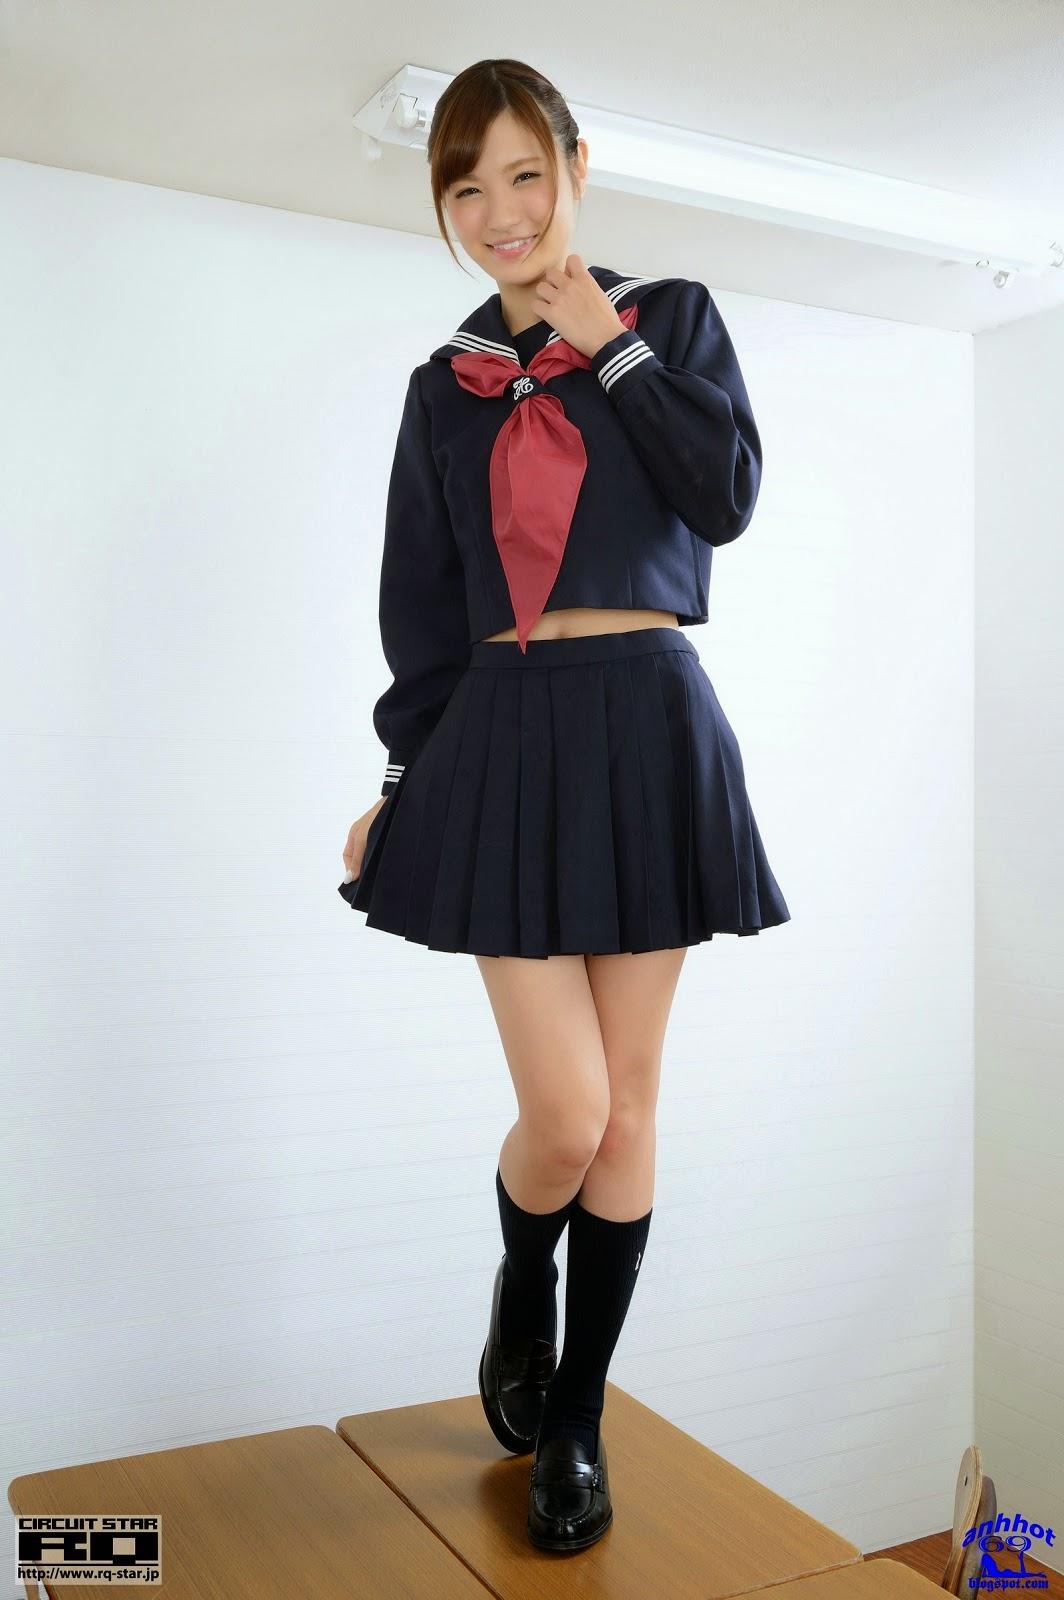 haruka-kanzaki-02420694